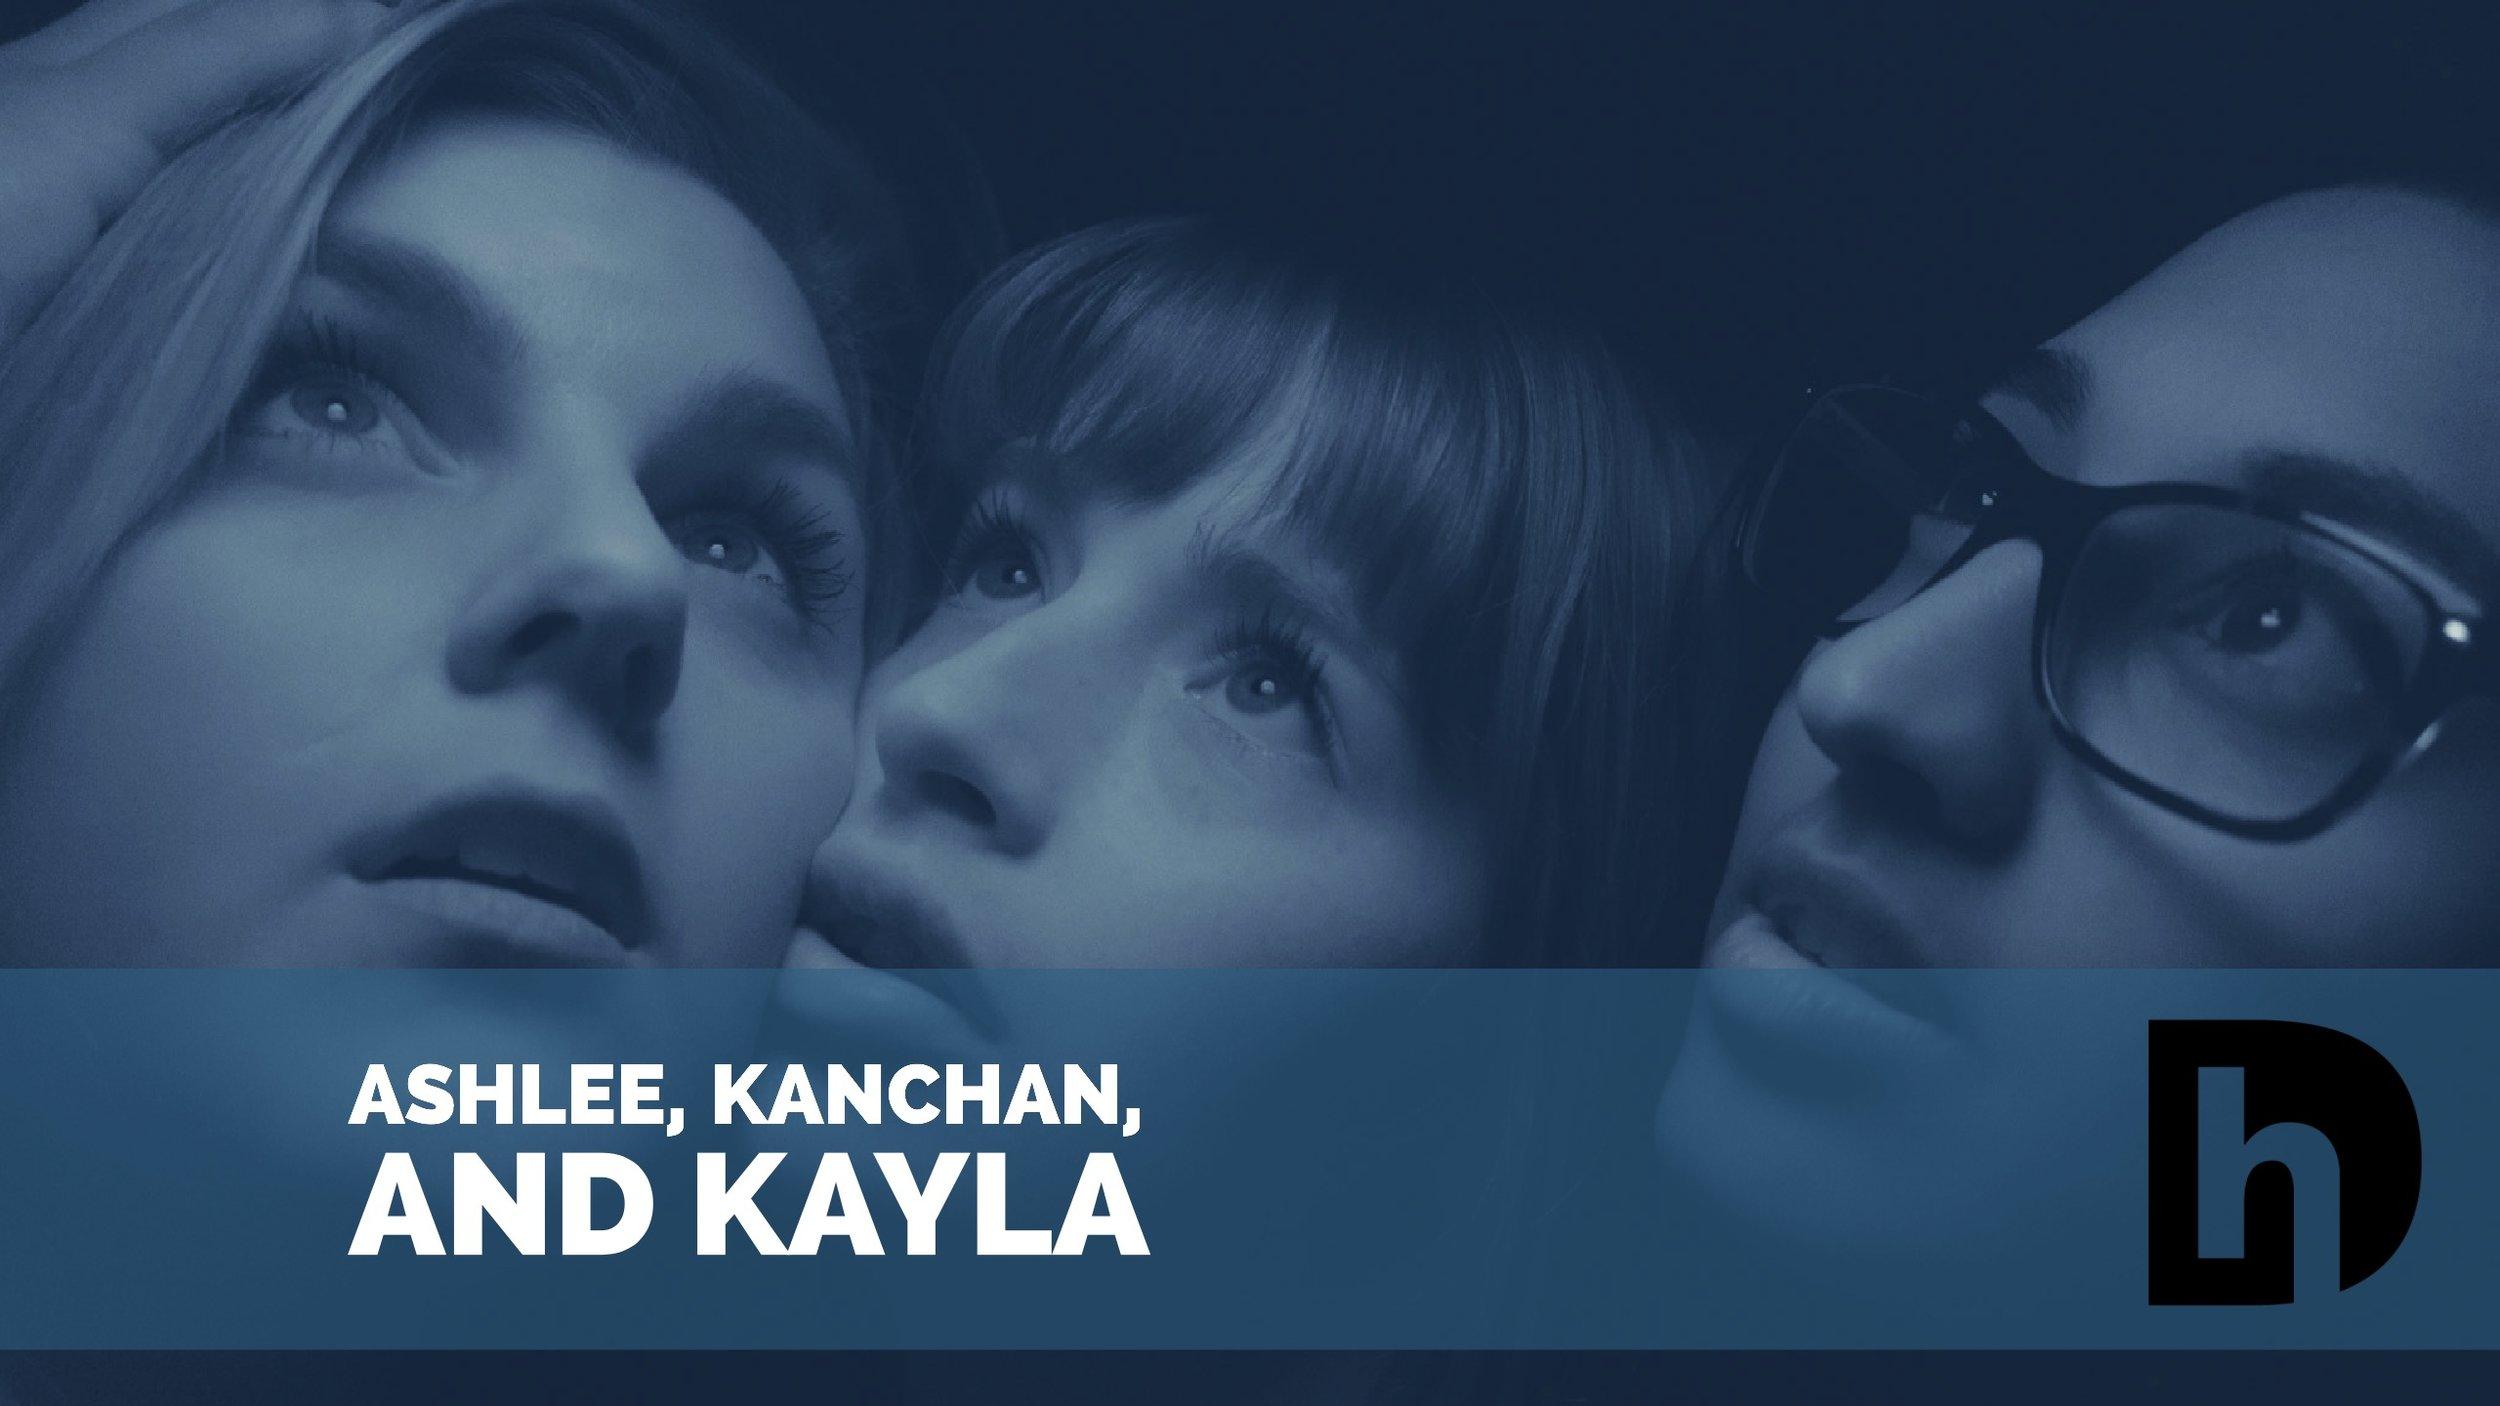 ashlee-kanchan-kayla-header.jpg